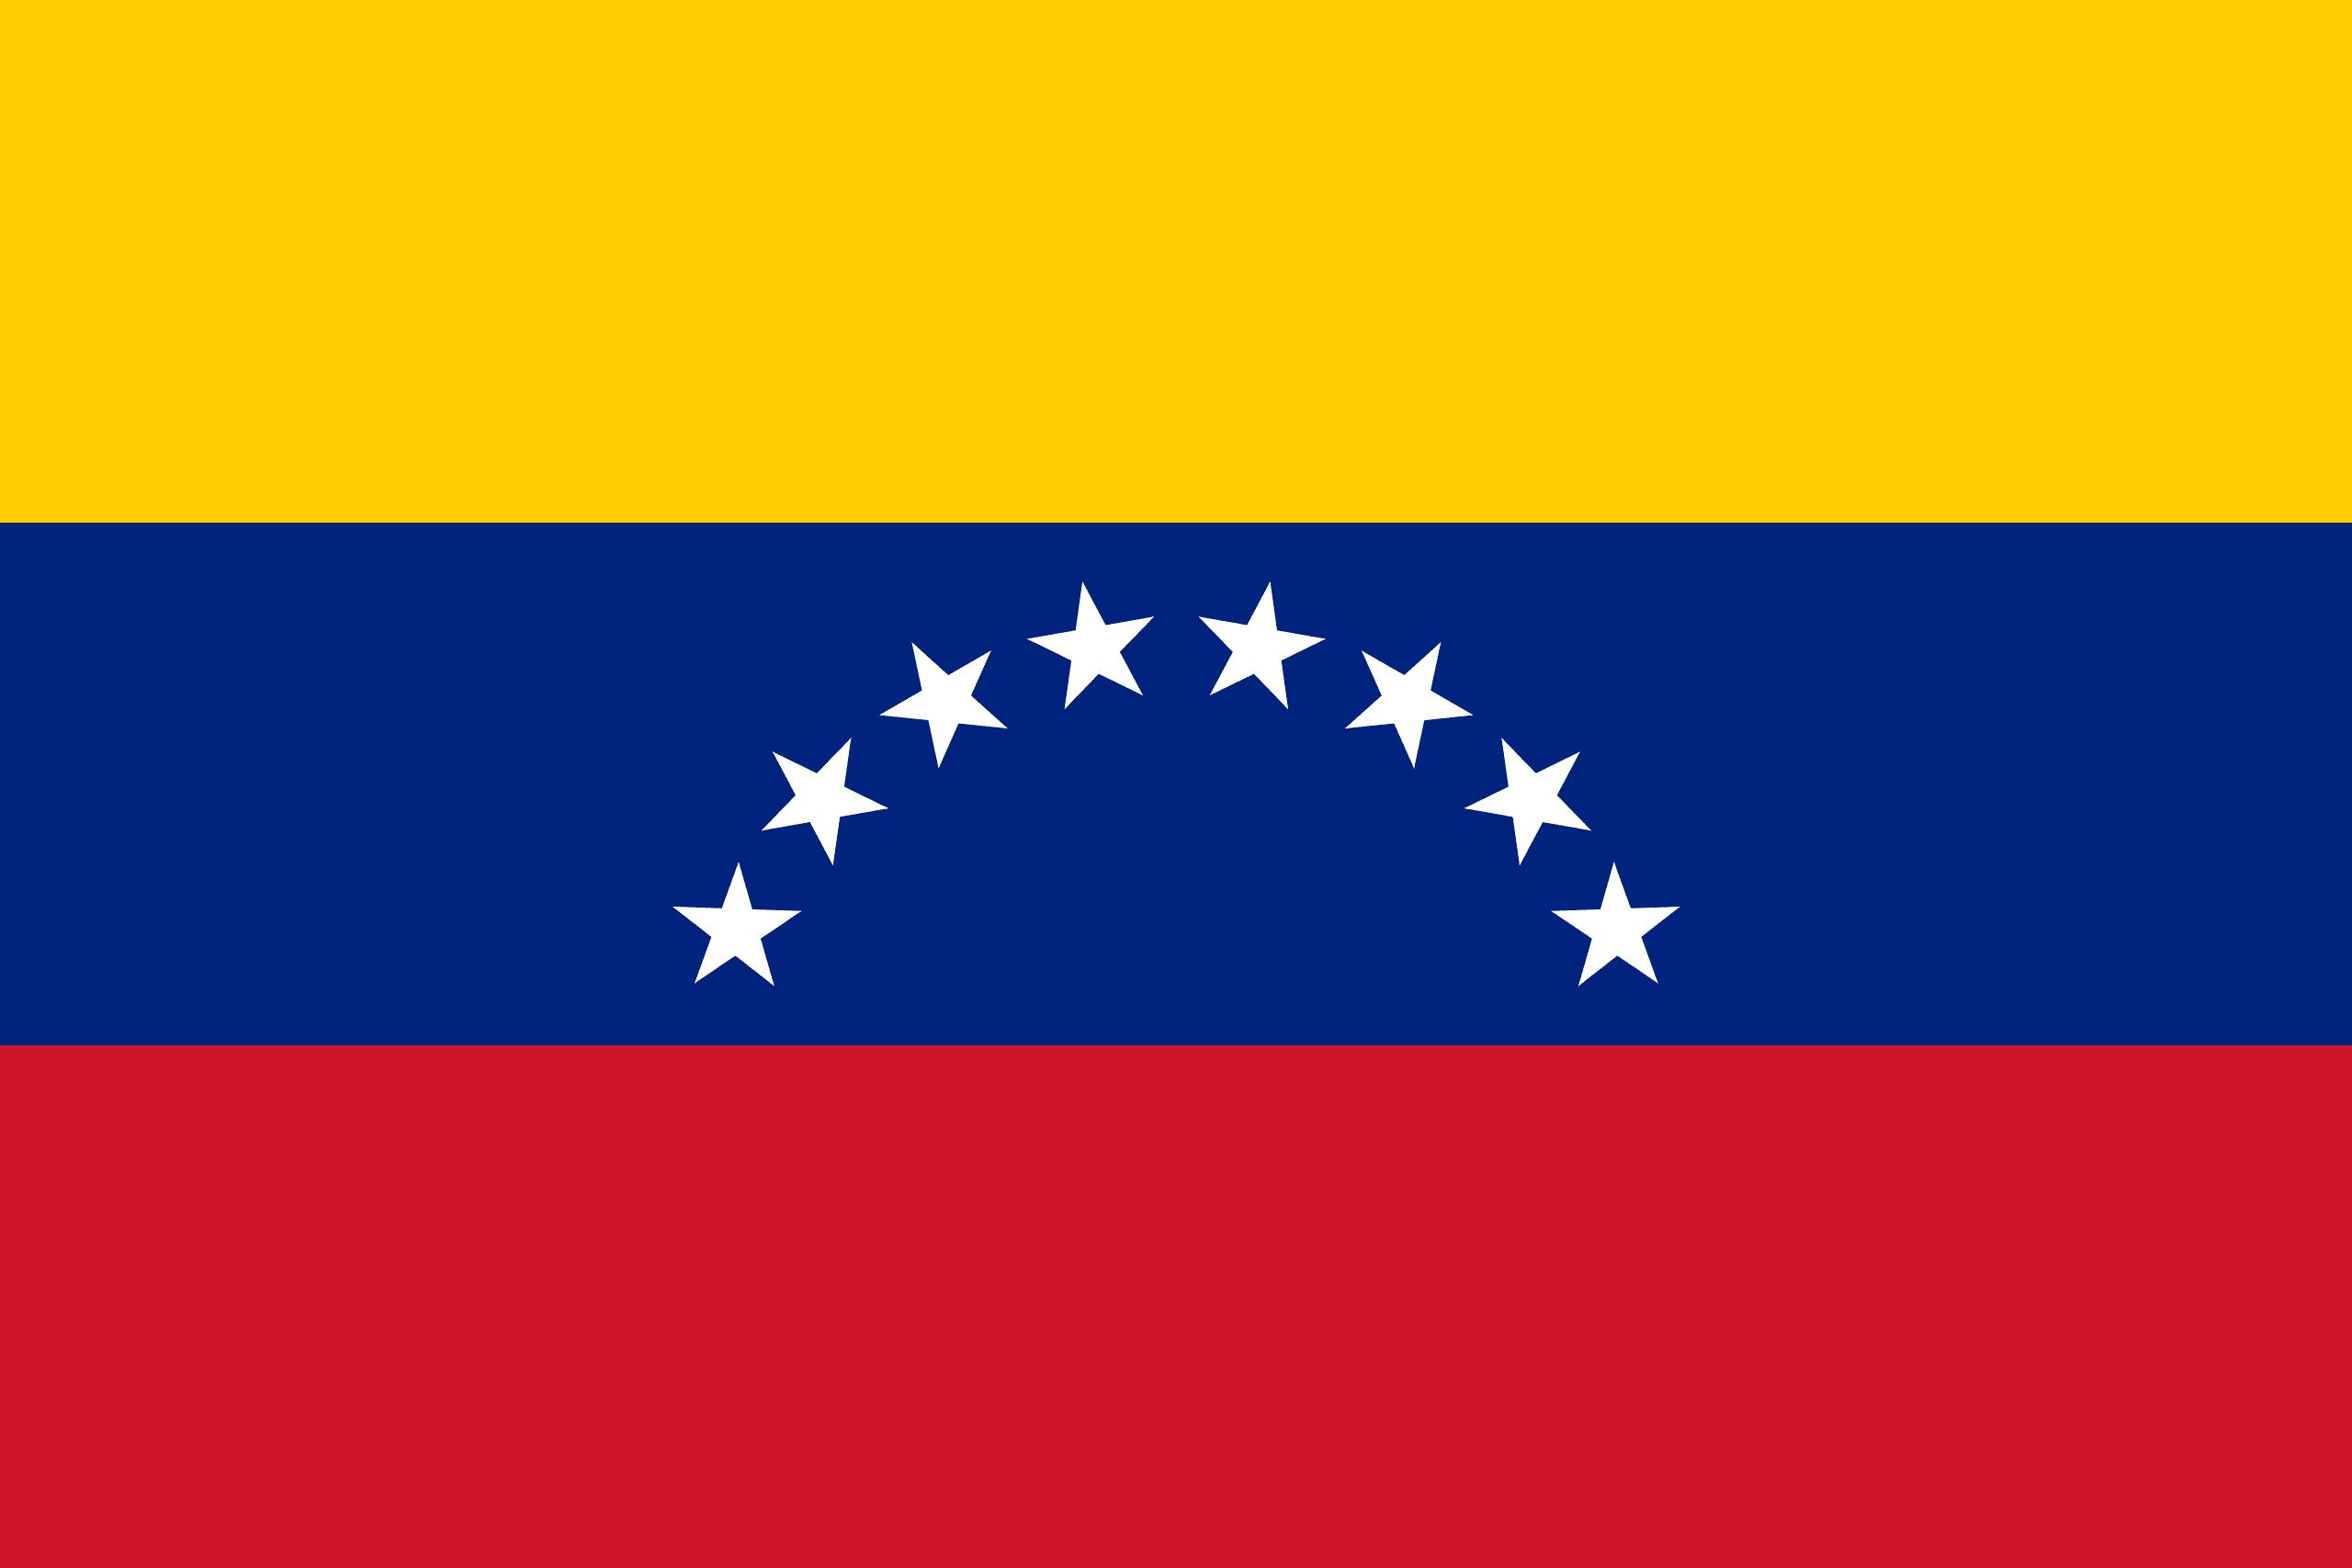 Venezuela banderas de pa ses - Fotos banera ...